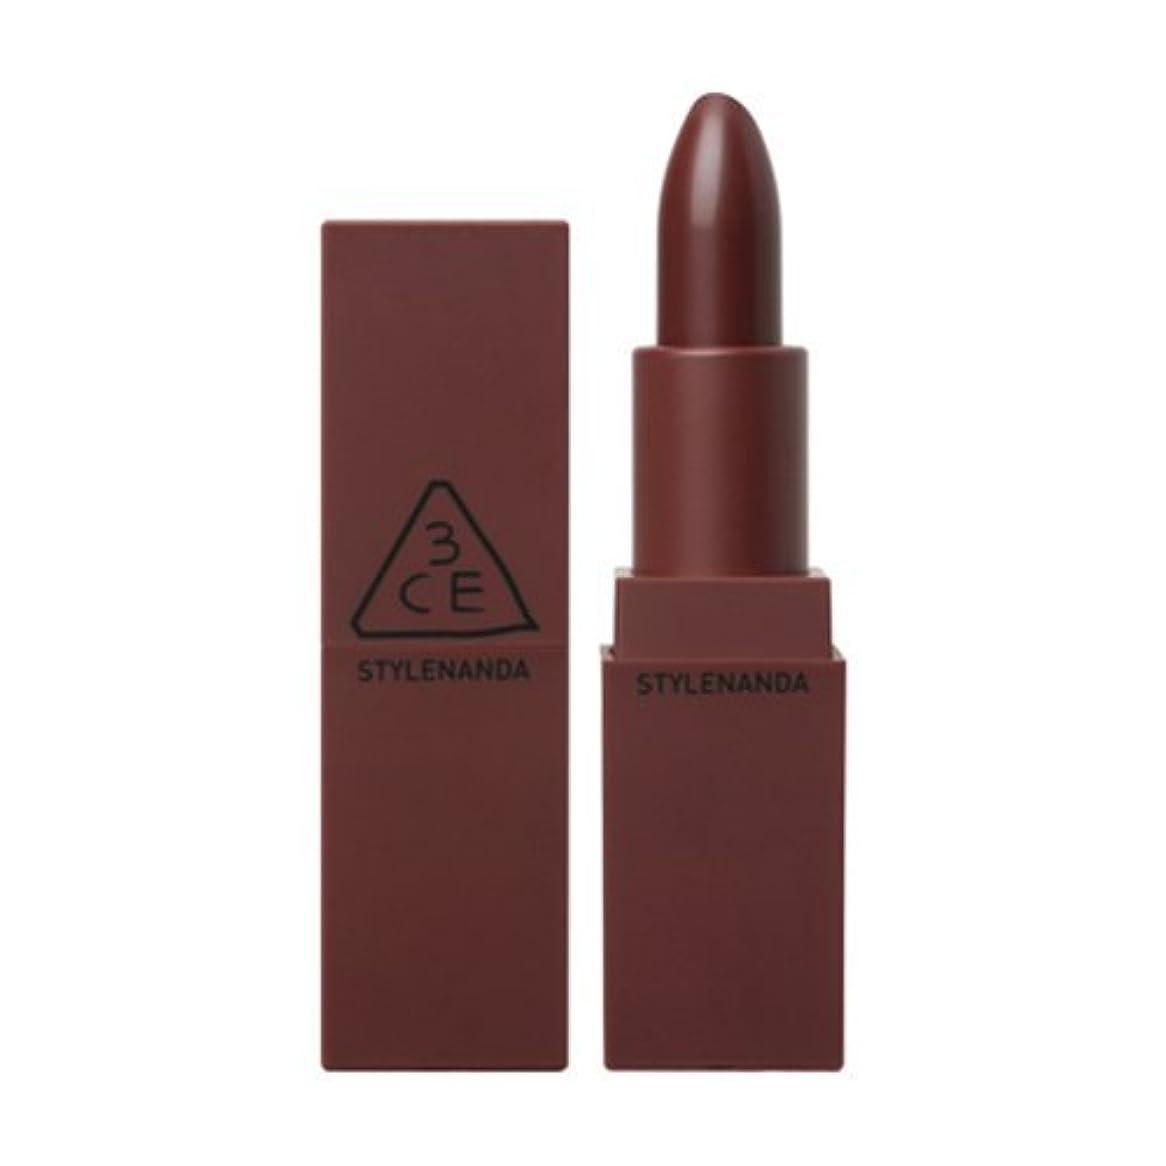 マーカー定数エンティティSTYLE NANDA 3CE MOOD RECIPE マットリップ リップスティック カラー#117 Chicful 3.5g / STYLE NANDA 3CE MOOD RECIPE MATTE LIP Lipstick...